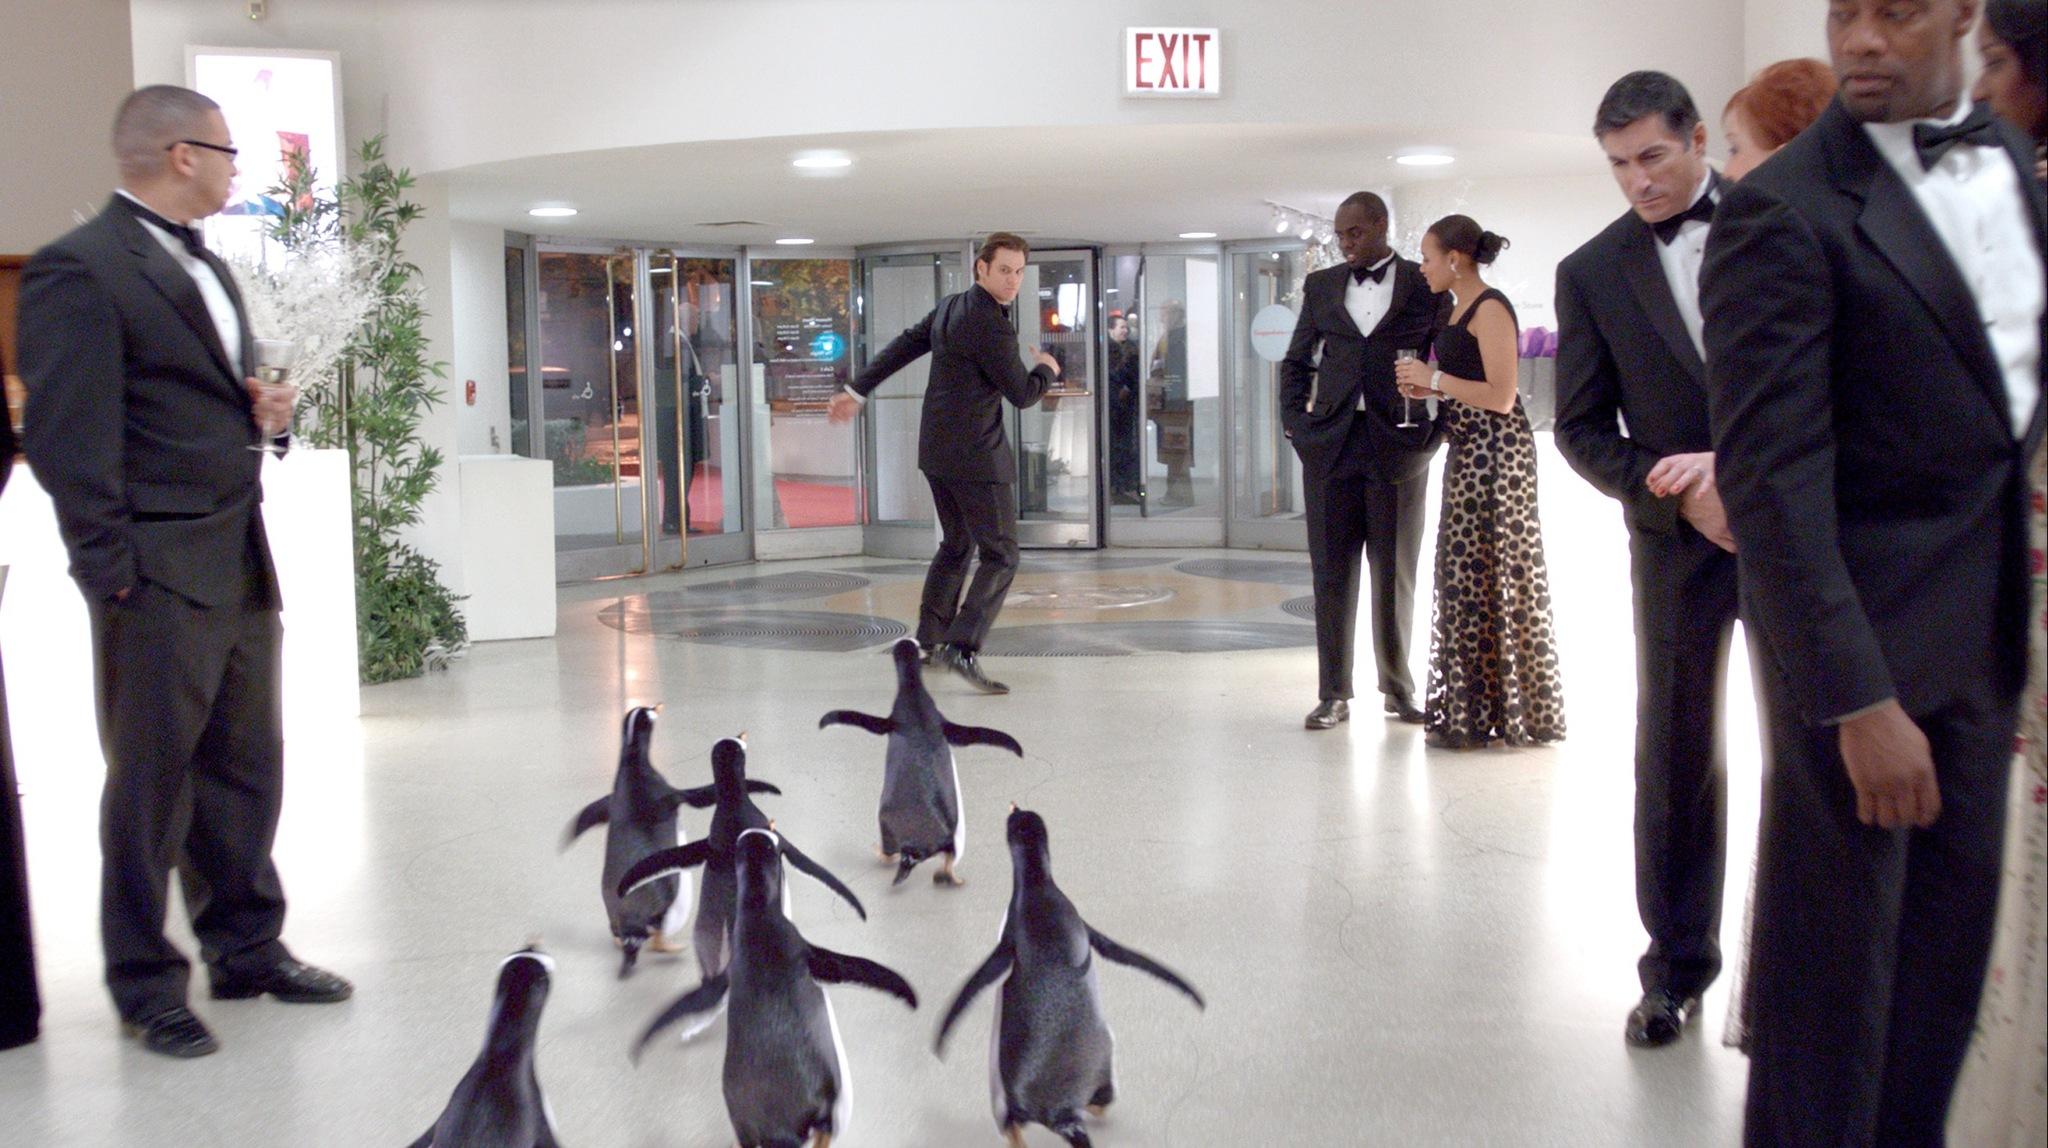 POPPER SES ET DVDRIP PINGOUINS TÉLÉCHARGER M